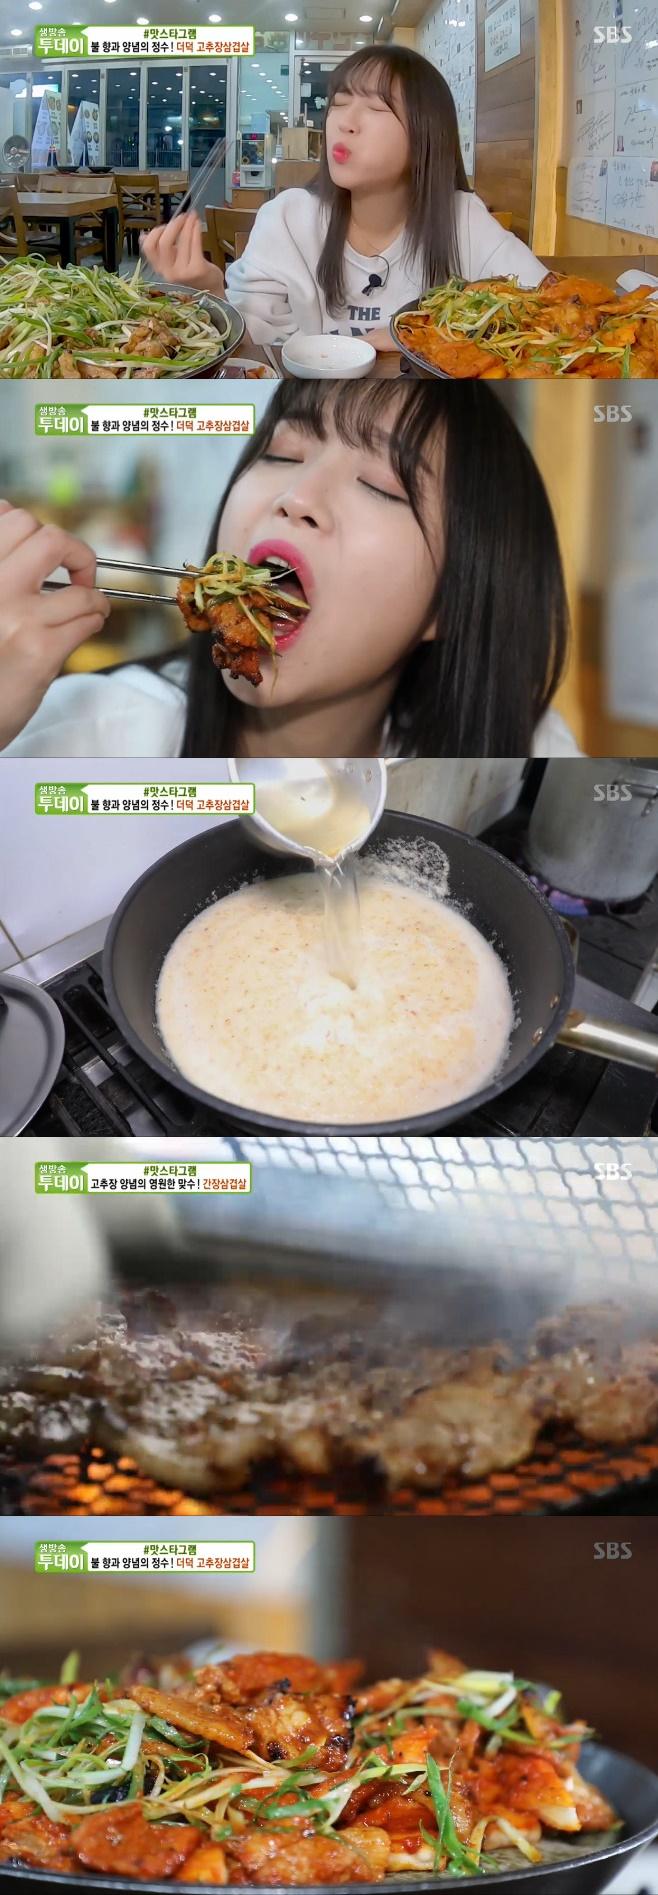 생방송 투데이, 쯔양, 더덕고추장삼겹살